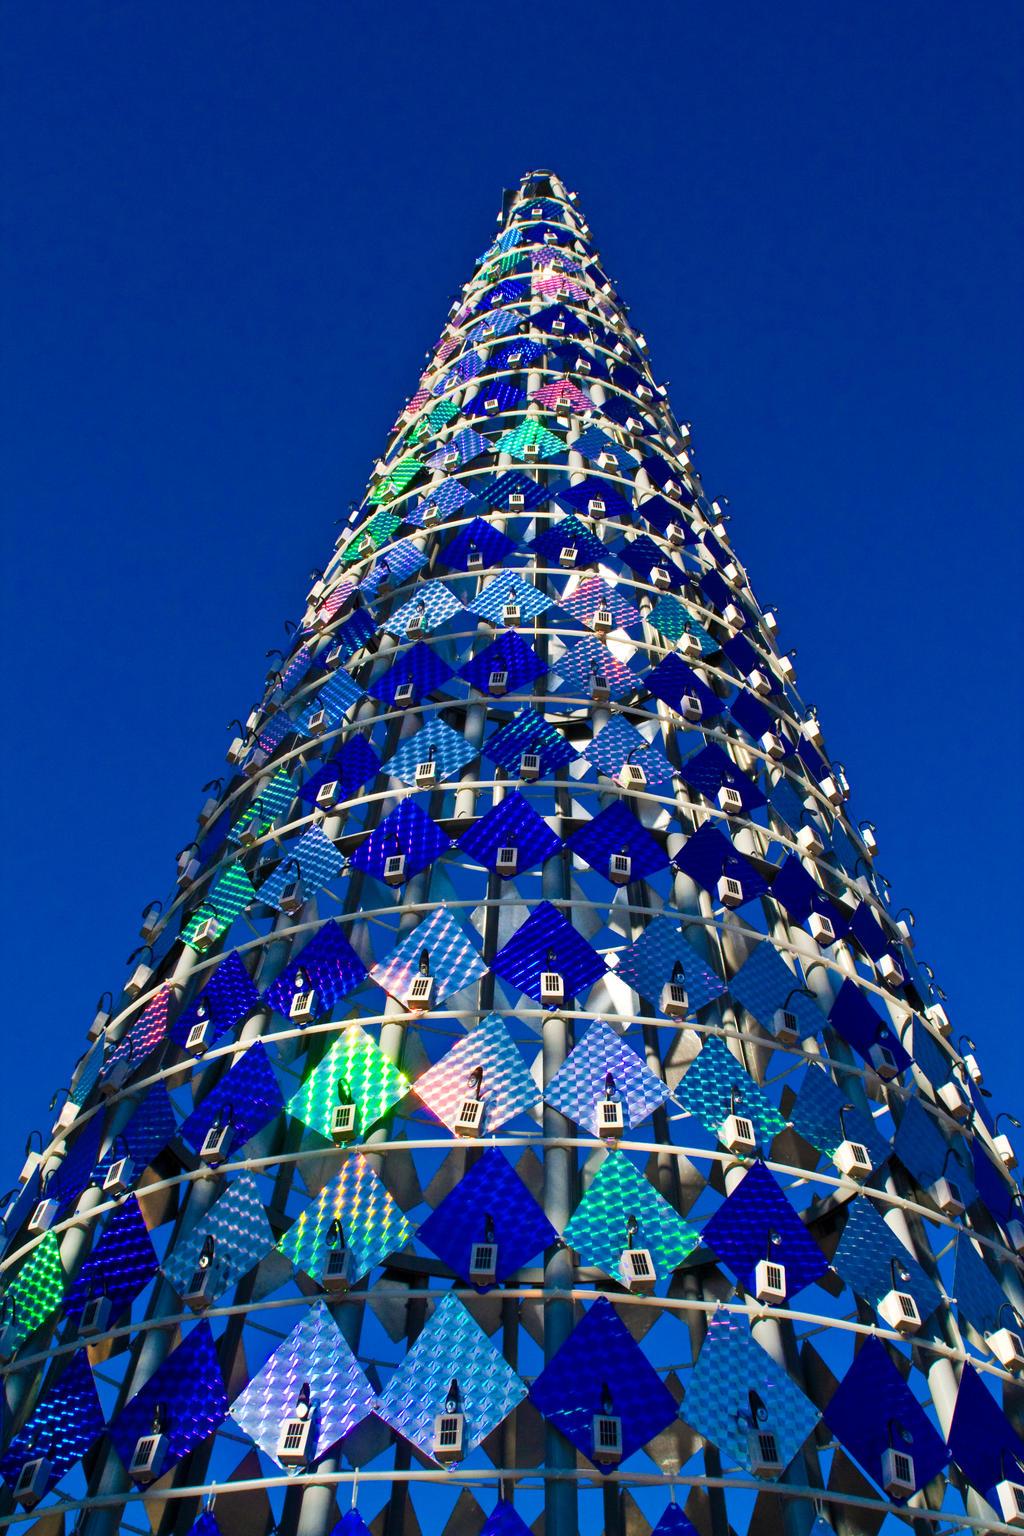 Solar Tree by PeterZen